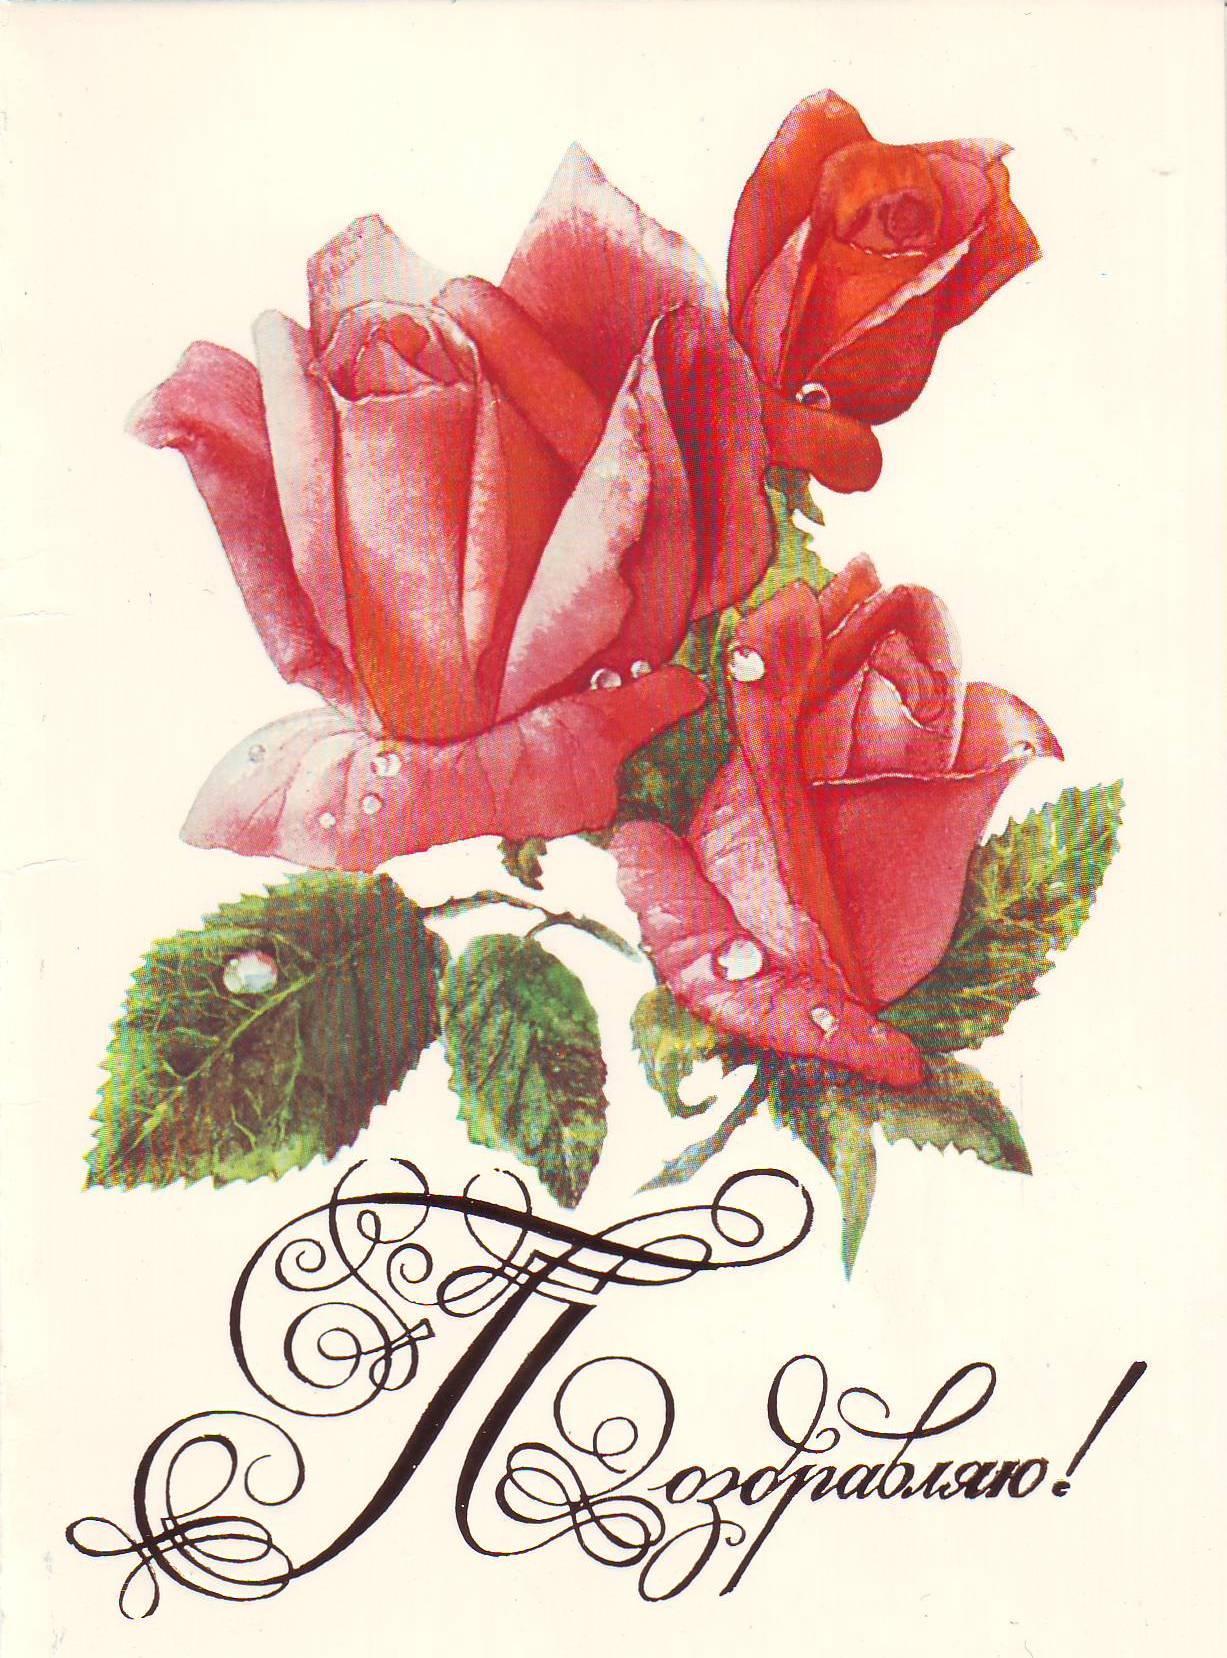 картинки открытки поздравляю возможности виртуальной